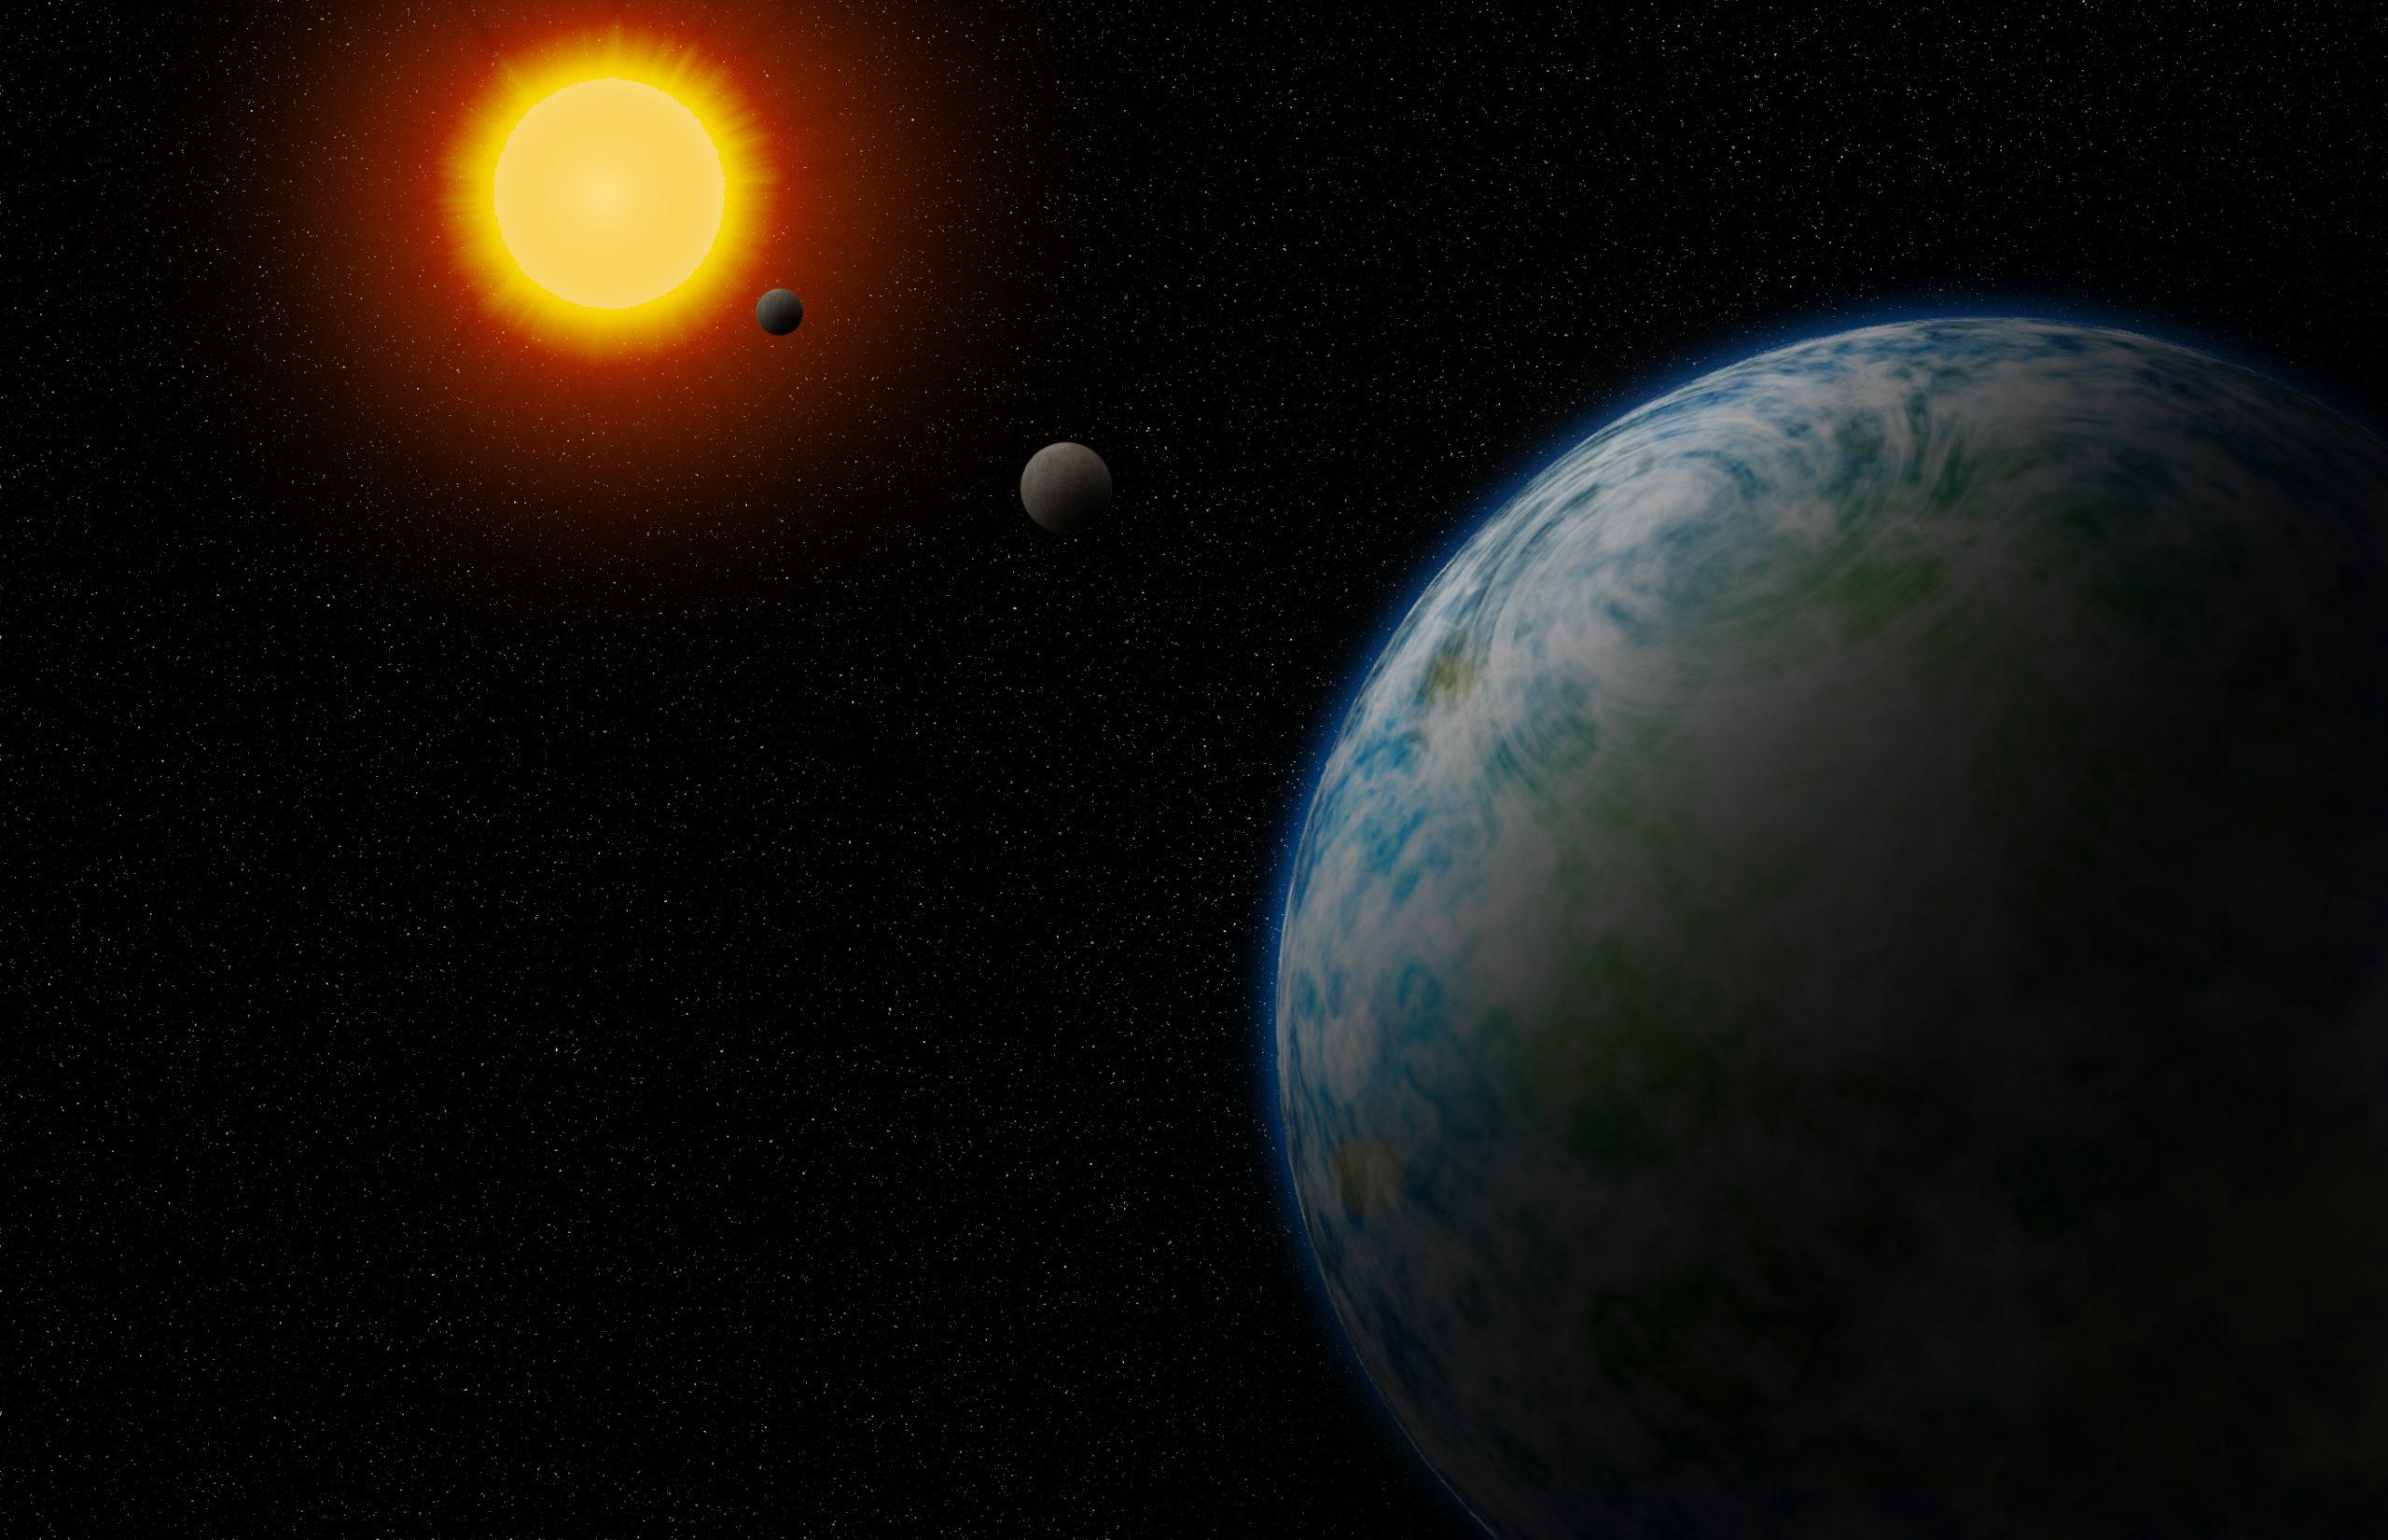 Neptuno freskoa eta bizitzan lagun daitezkeen bi planeta aurkitu dira.  Lurraren antzekoak dira